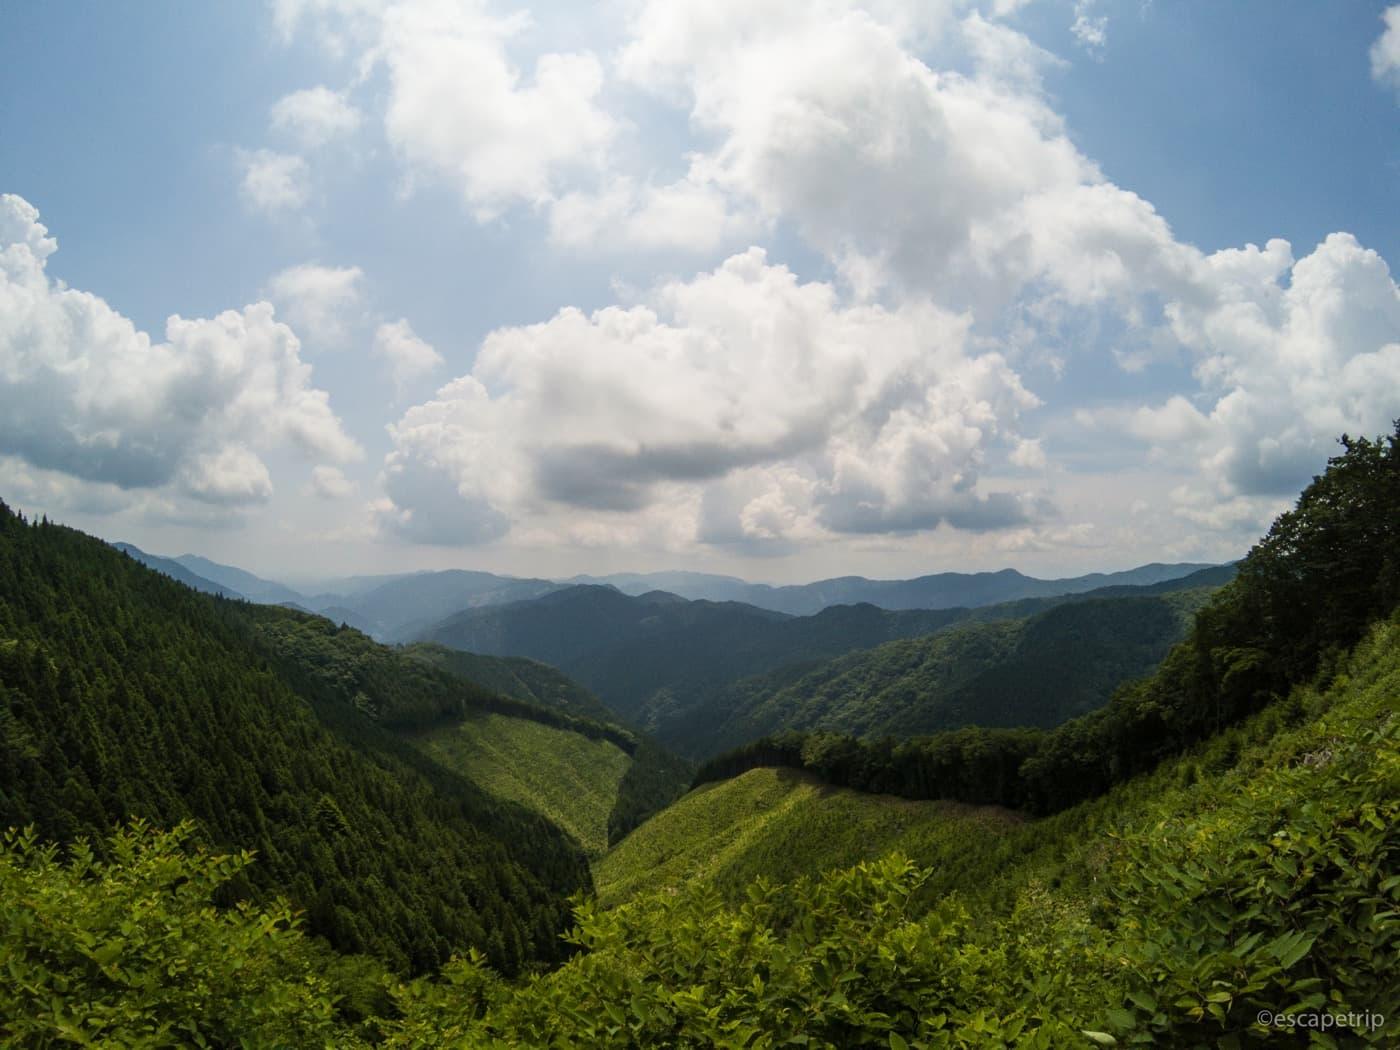 風張林道の頂上からの眺めを広角で